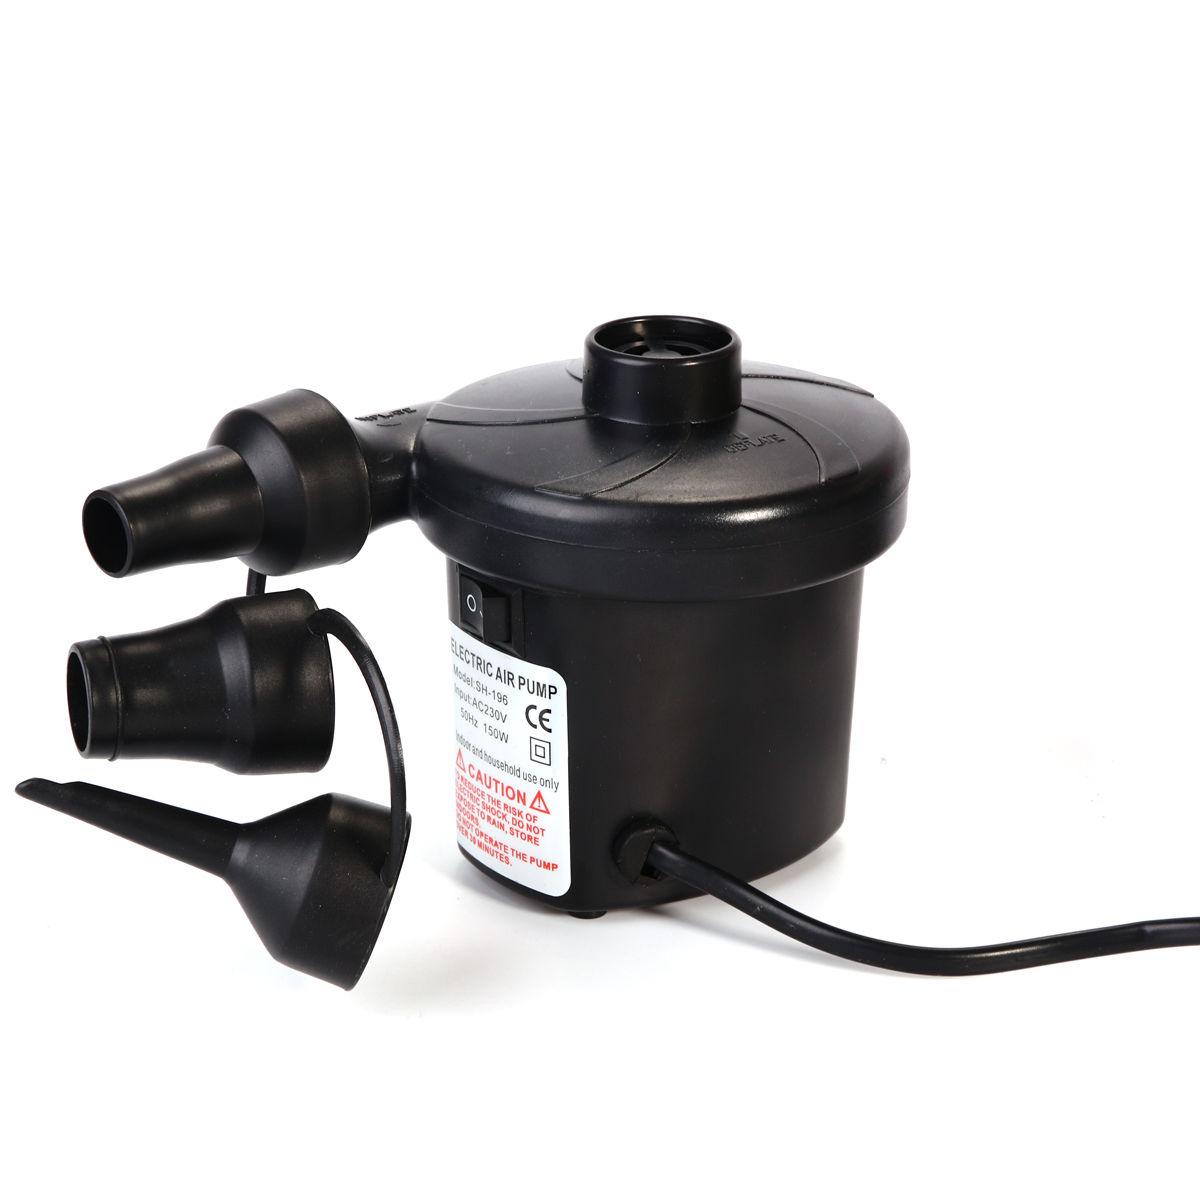 elektrische pumpe luftpumpe kompressor 230v gebl sepumpe planschbecken os340 ebay. Black Bedroom Furniture Sets. Home Design Ideas